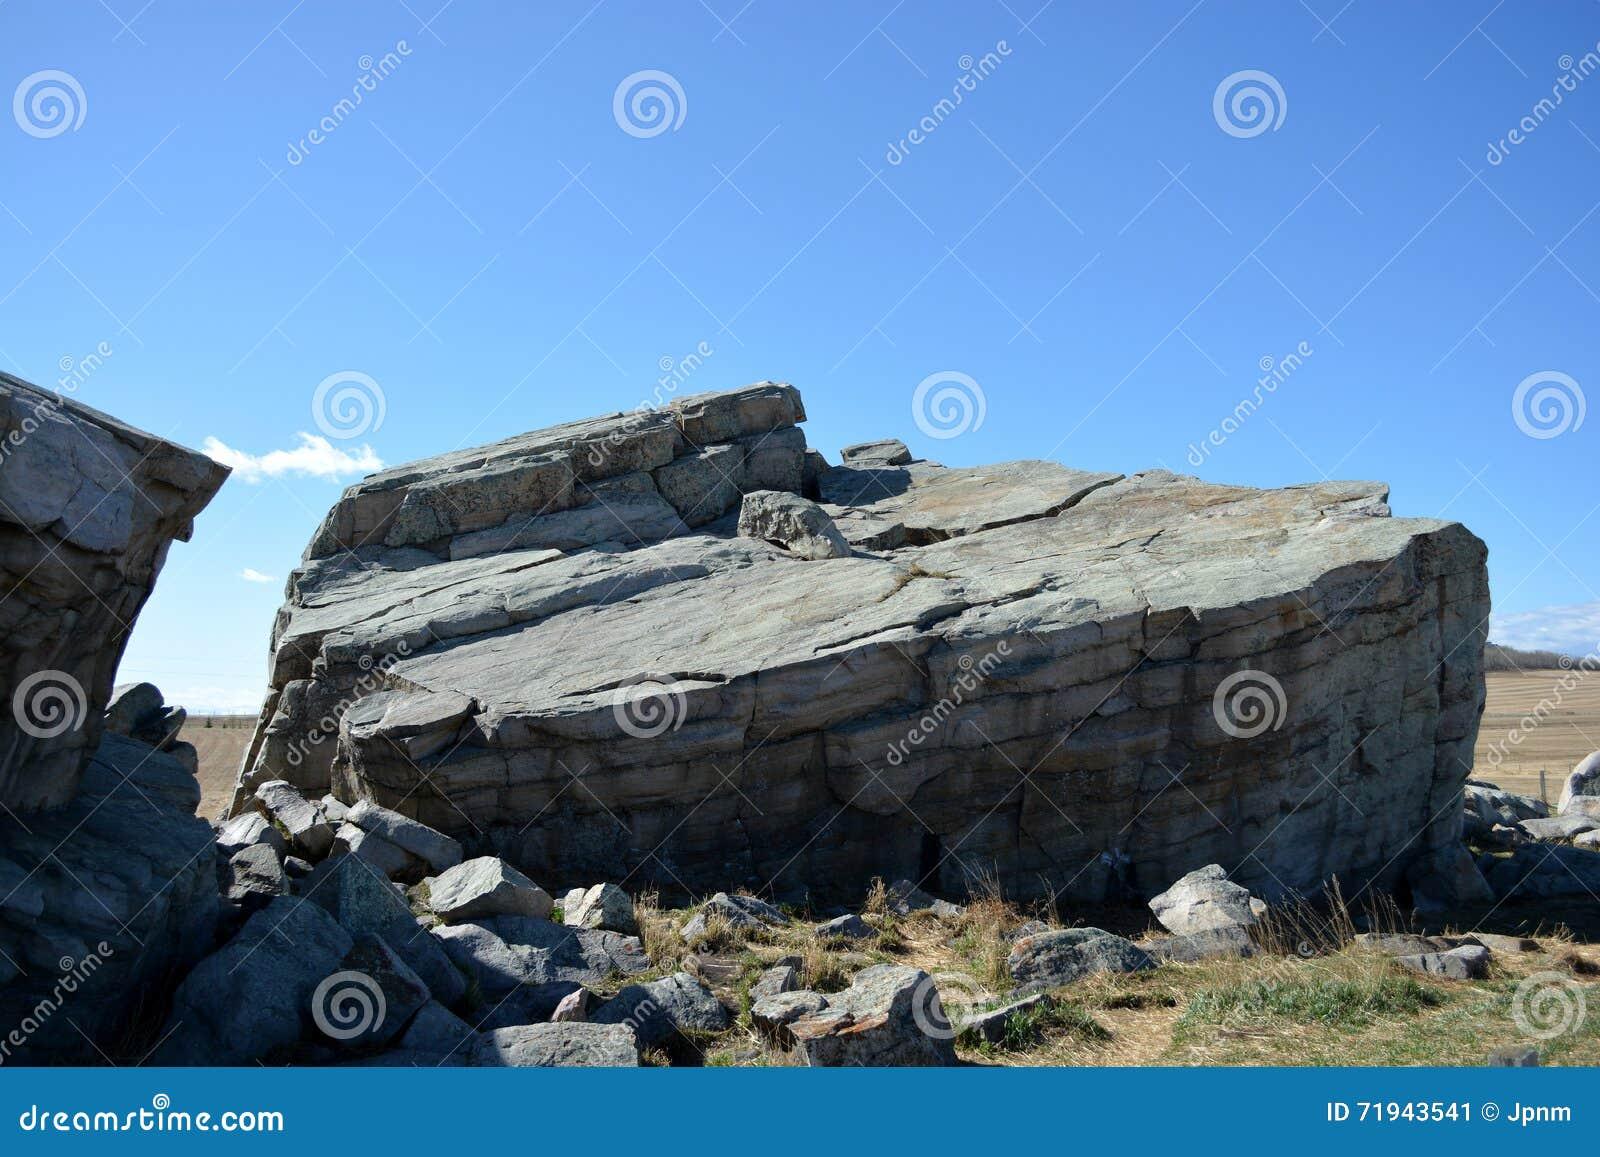 Ледниковое перекатное (ледники продолженные горной породой)